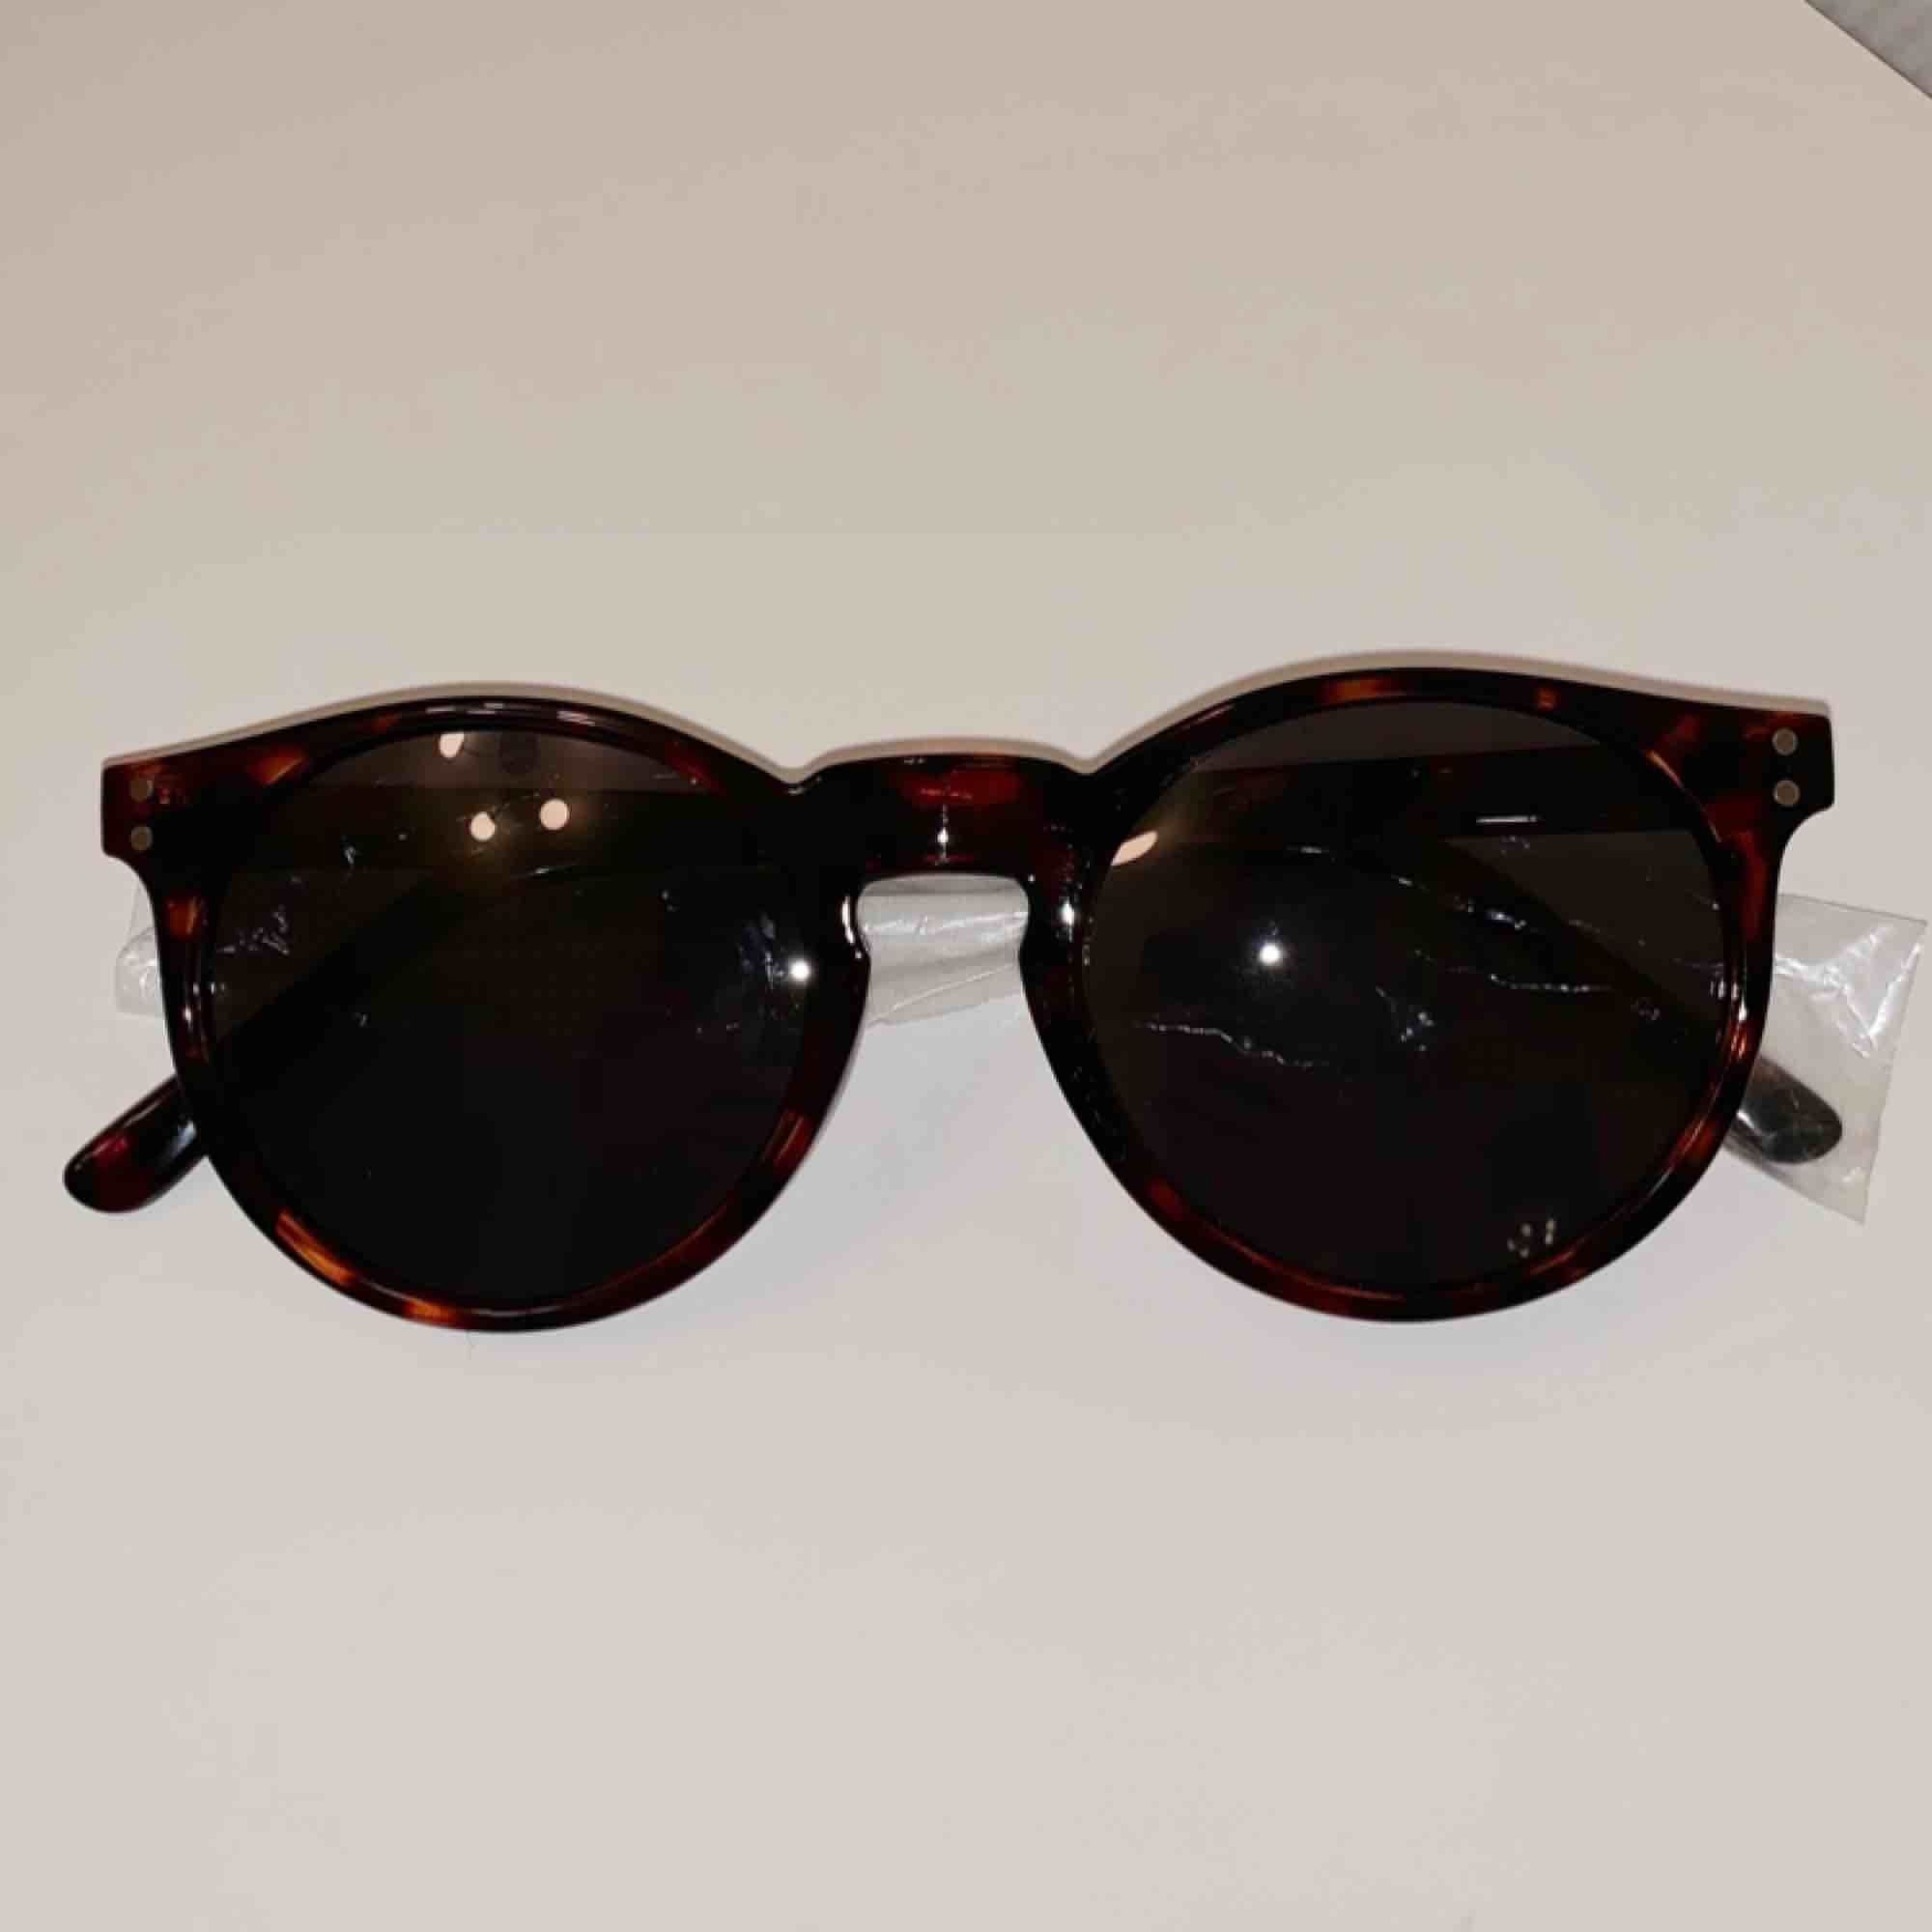 Säljer ett par oanvända solglasögon från märket Pineapple. Nypris: 349:- . Accessoarer.